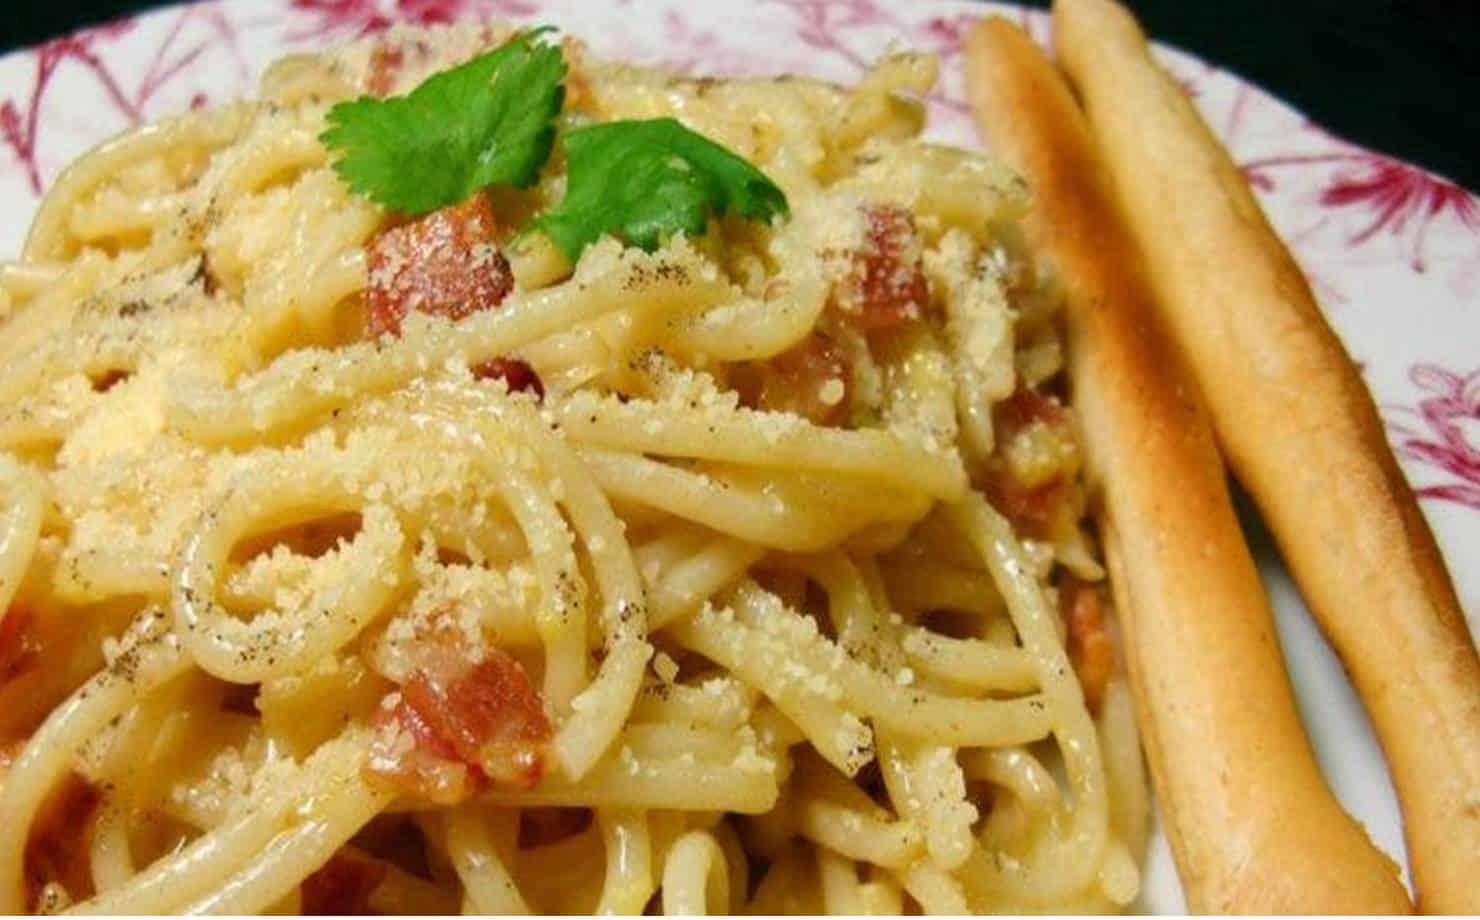 Como cozinhar macarrão? Esses truques irão ajudá-lo a ter um prato perfeito